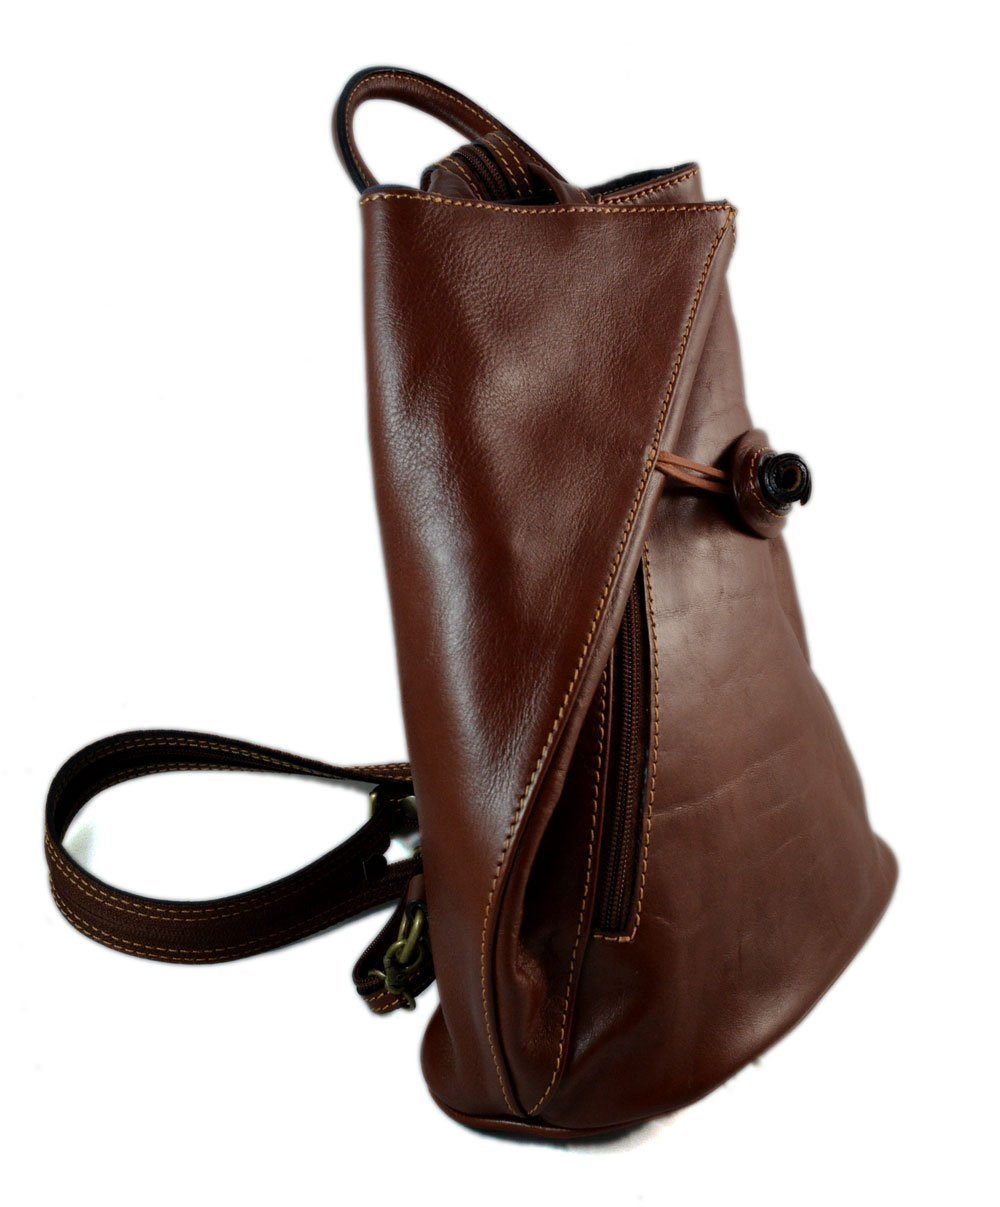 15d9019bf910 Luxury leather backpack travel bag weekender sports bag gym bag leather  shoulder ladies mens bag satchel.